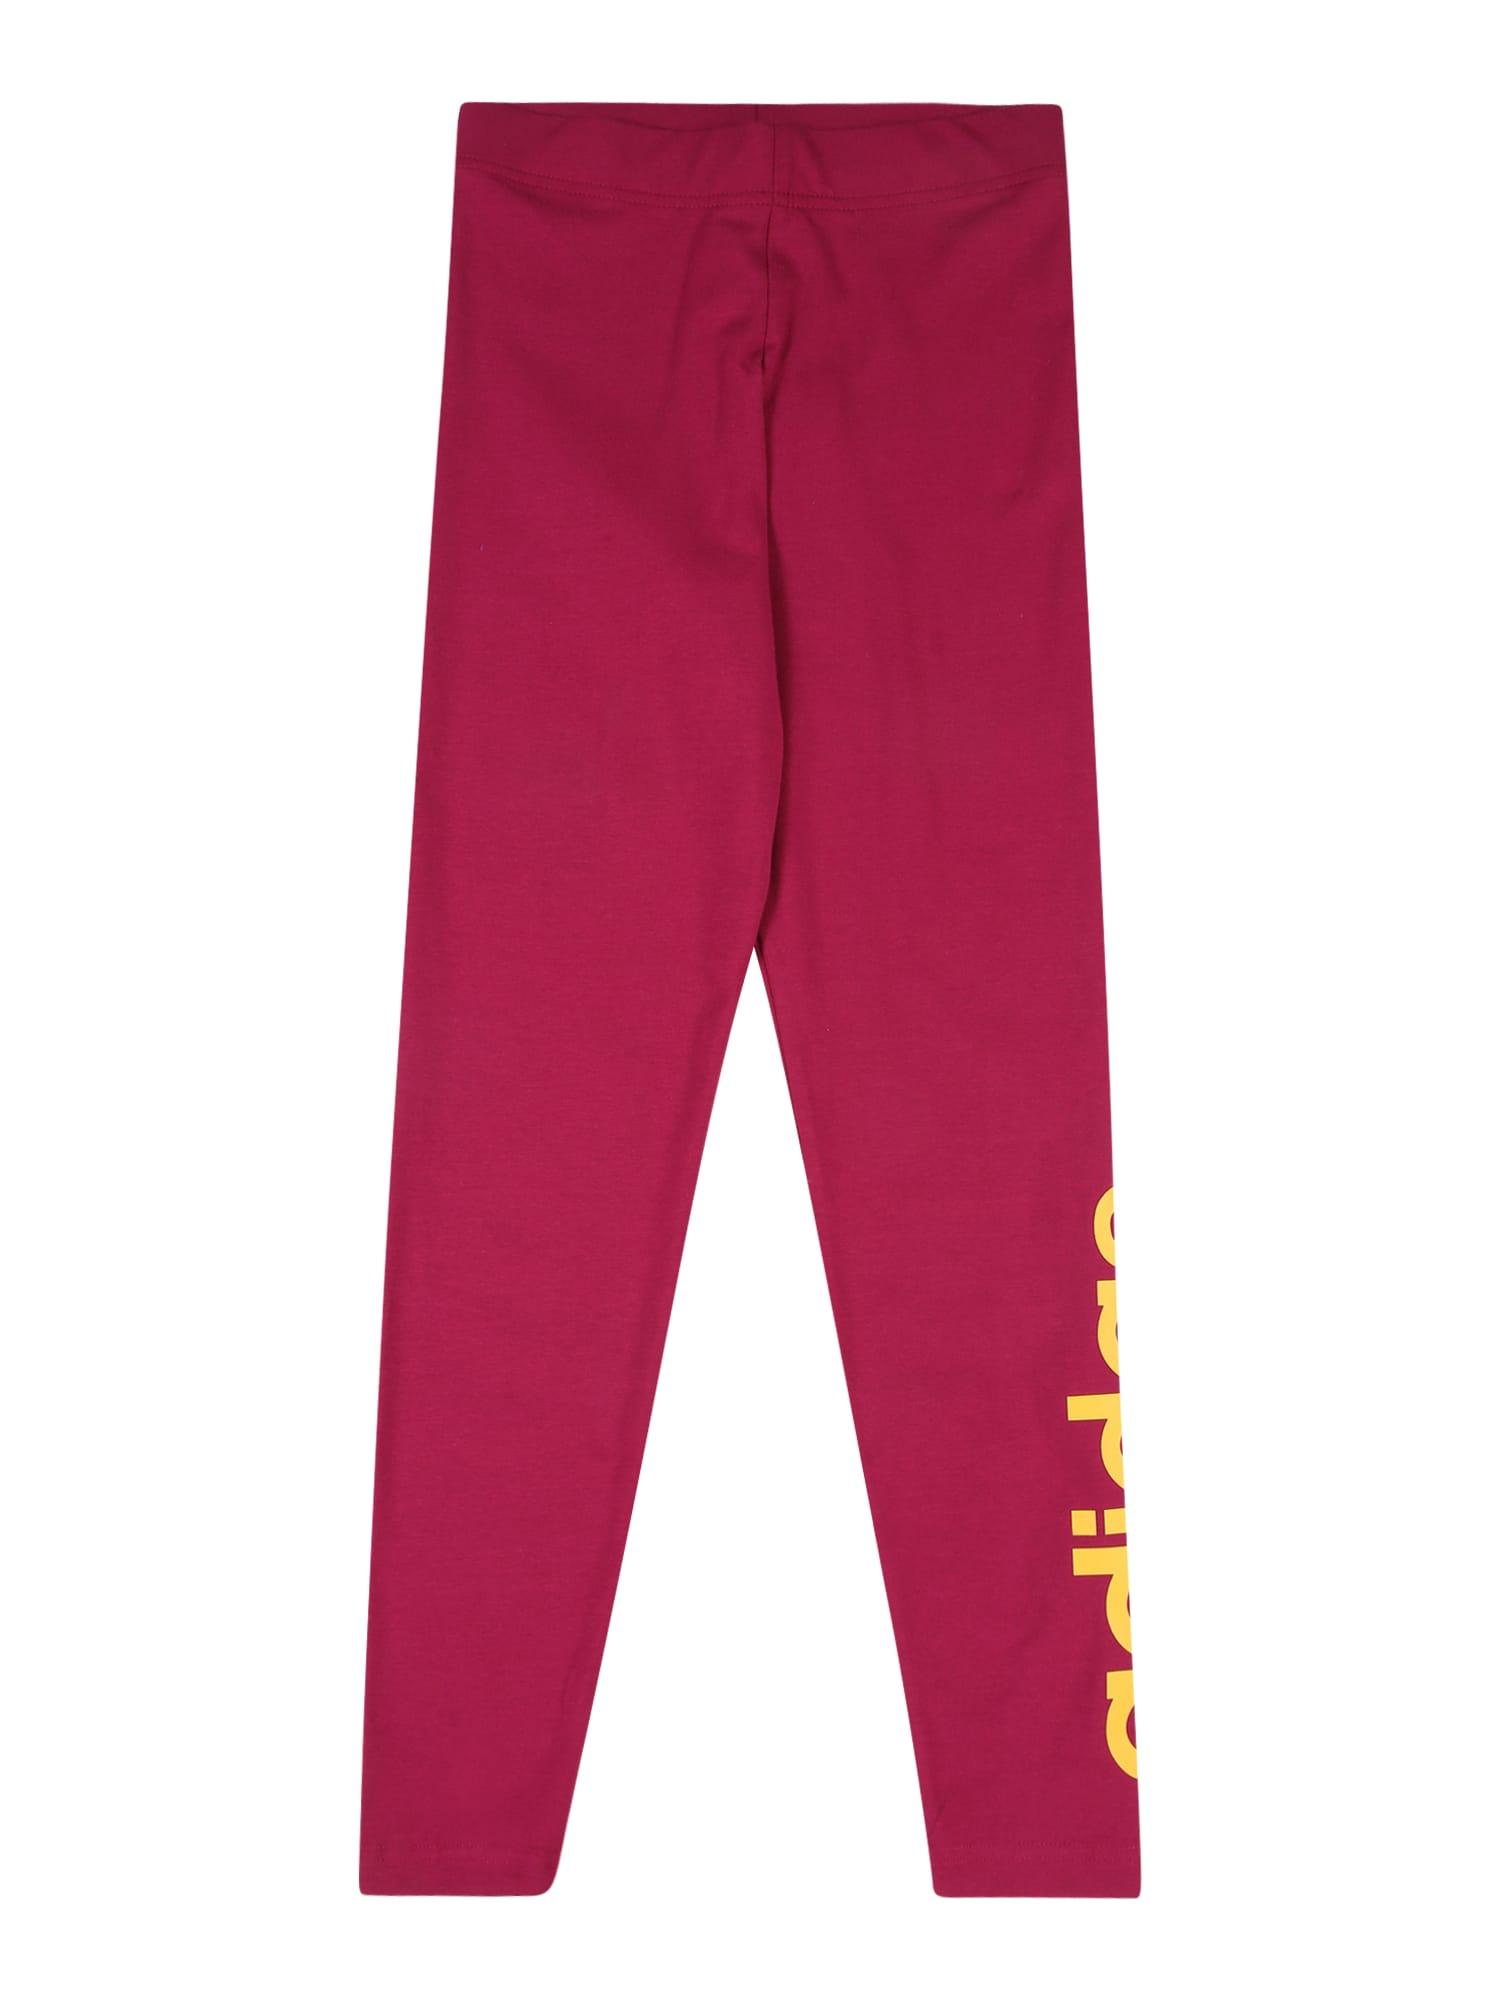 ADIDAS PERFORMANCE Sportovní kalhoty  rubínově červená / oranžová